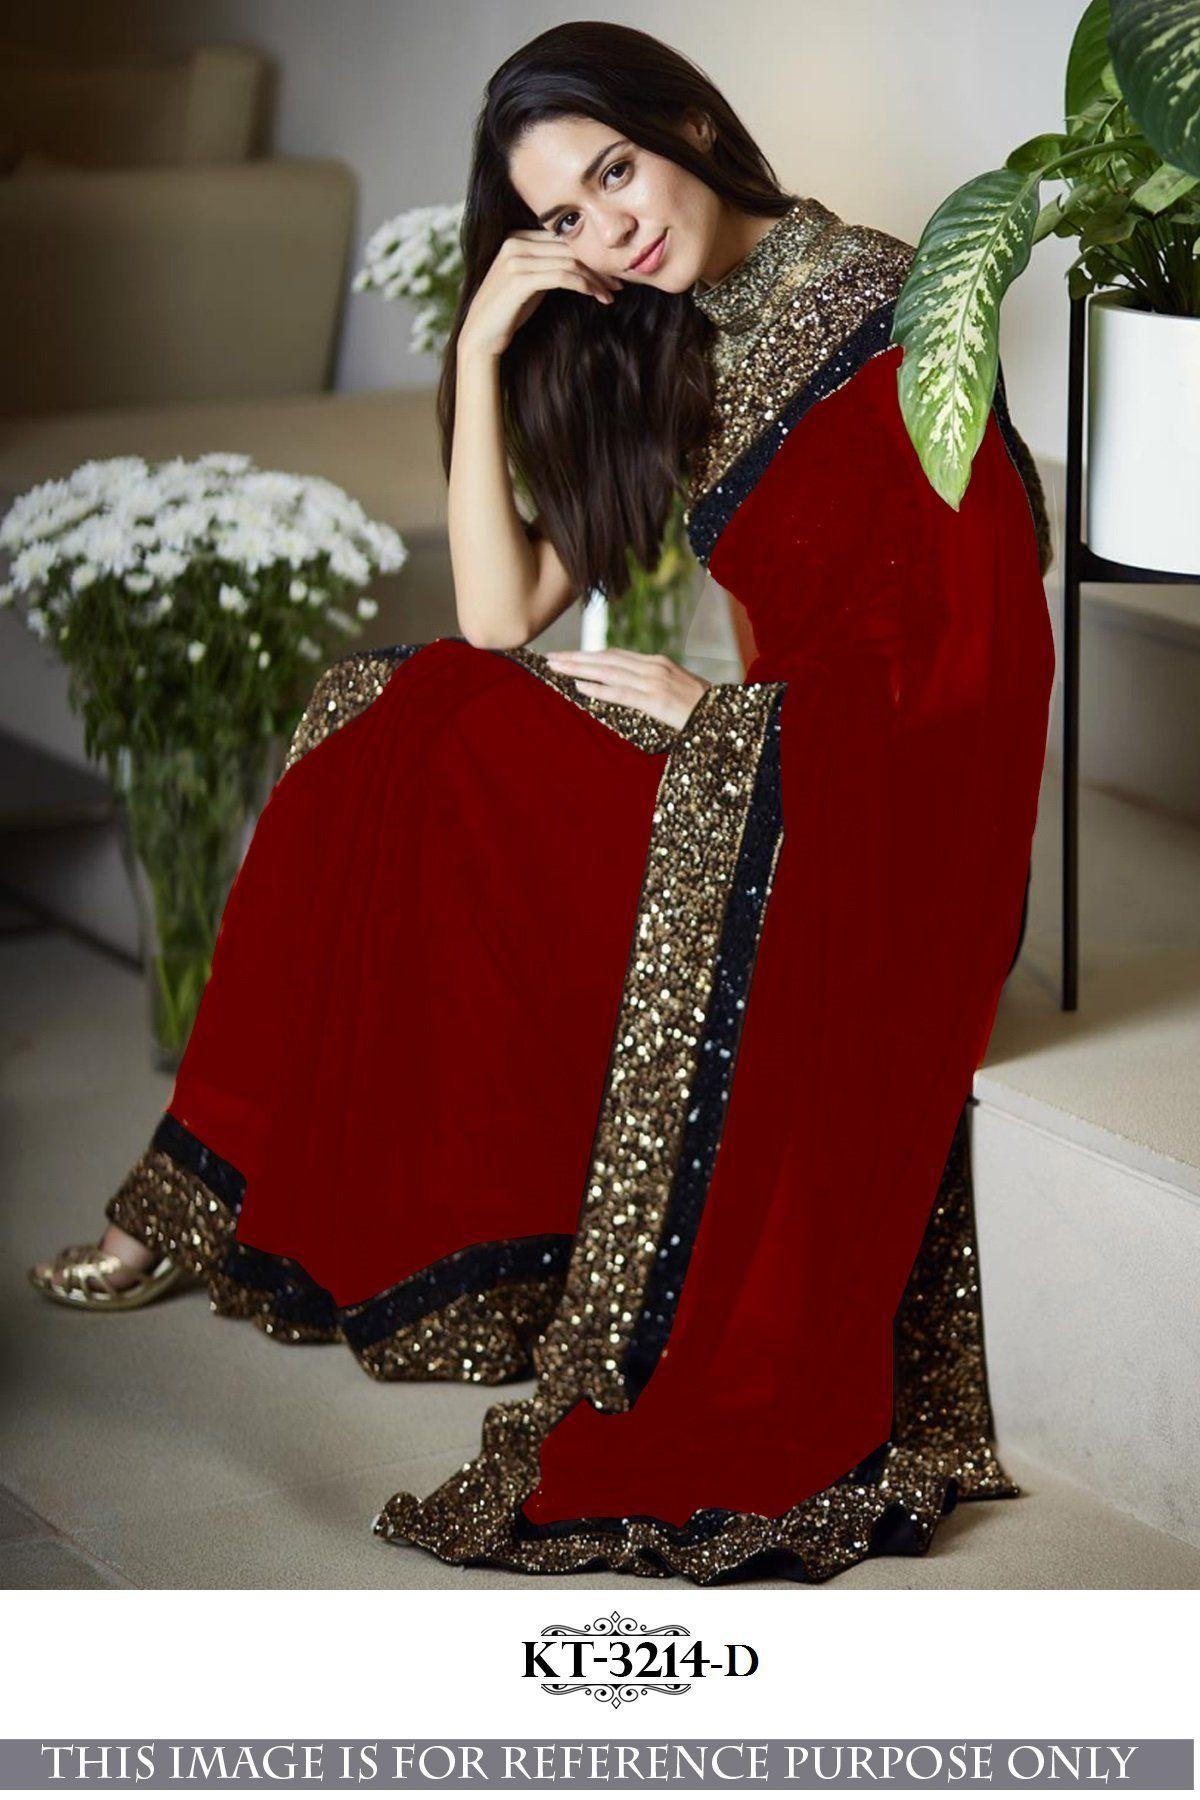 Saree blouse design for chiffon saree pin by farrzanaa on saree  pinterest  saree pakistani and desi